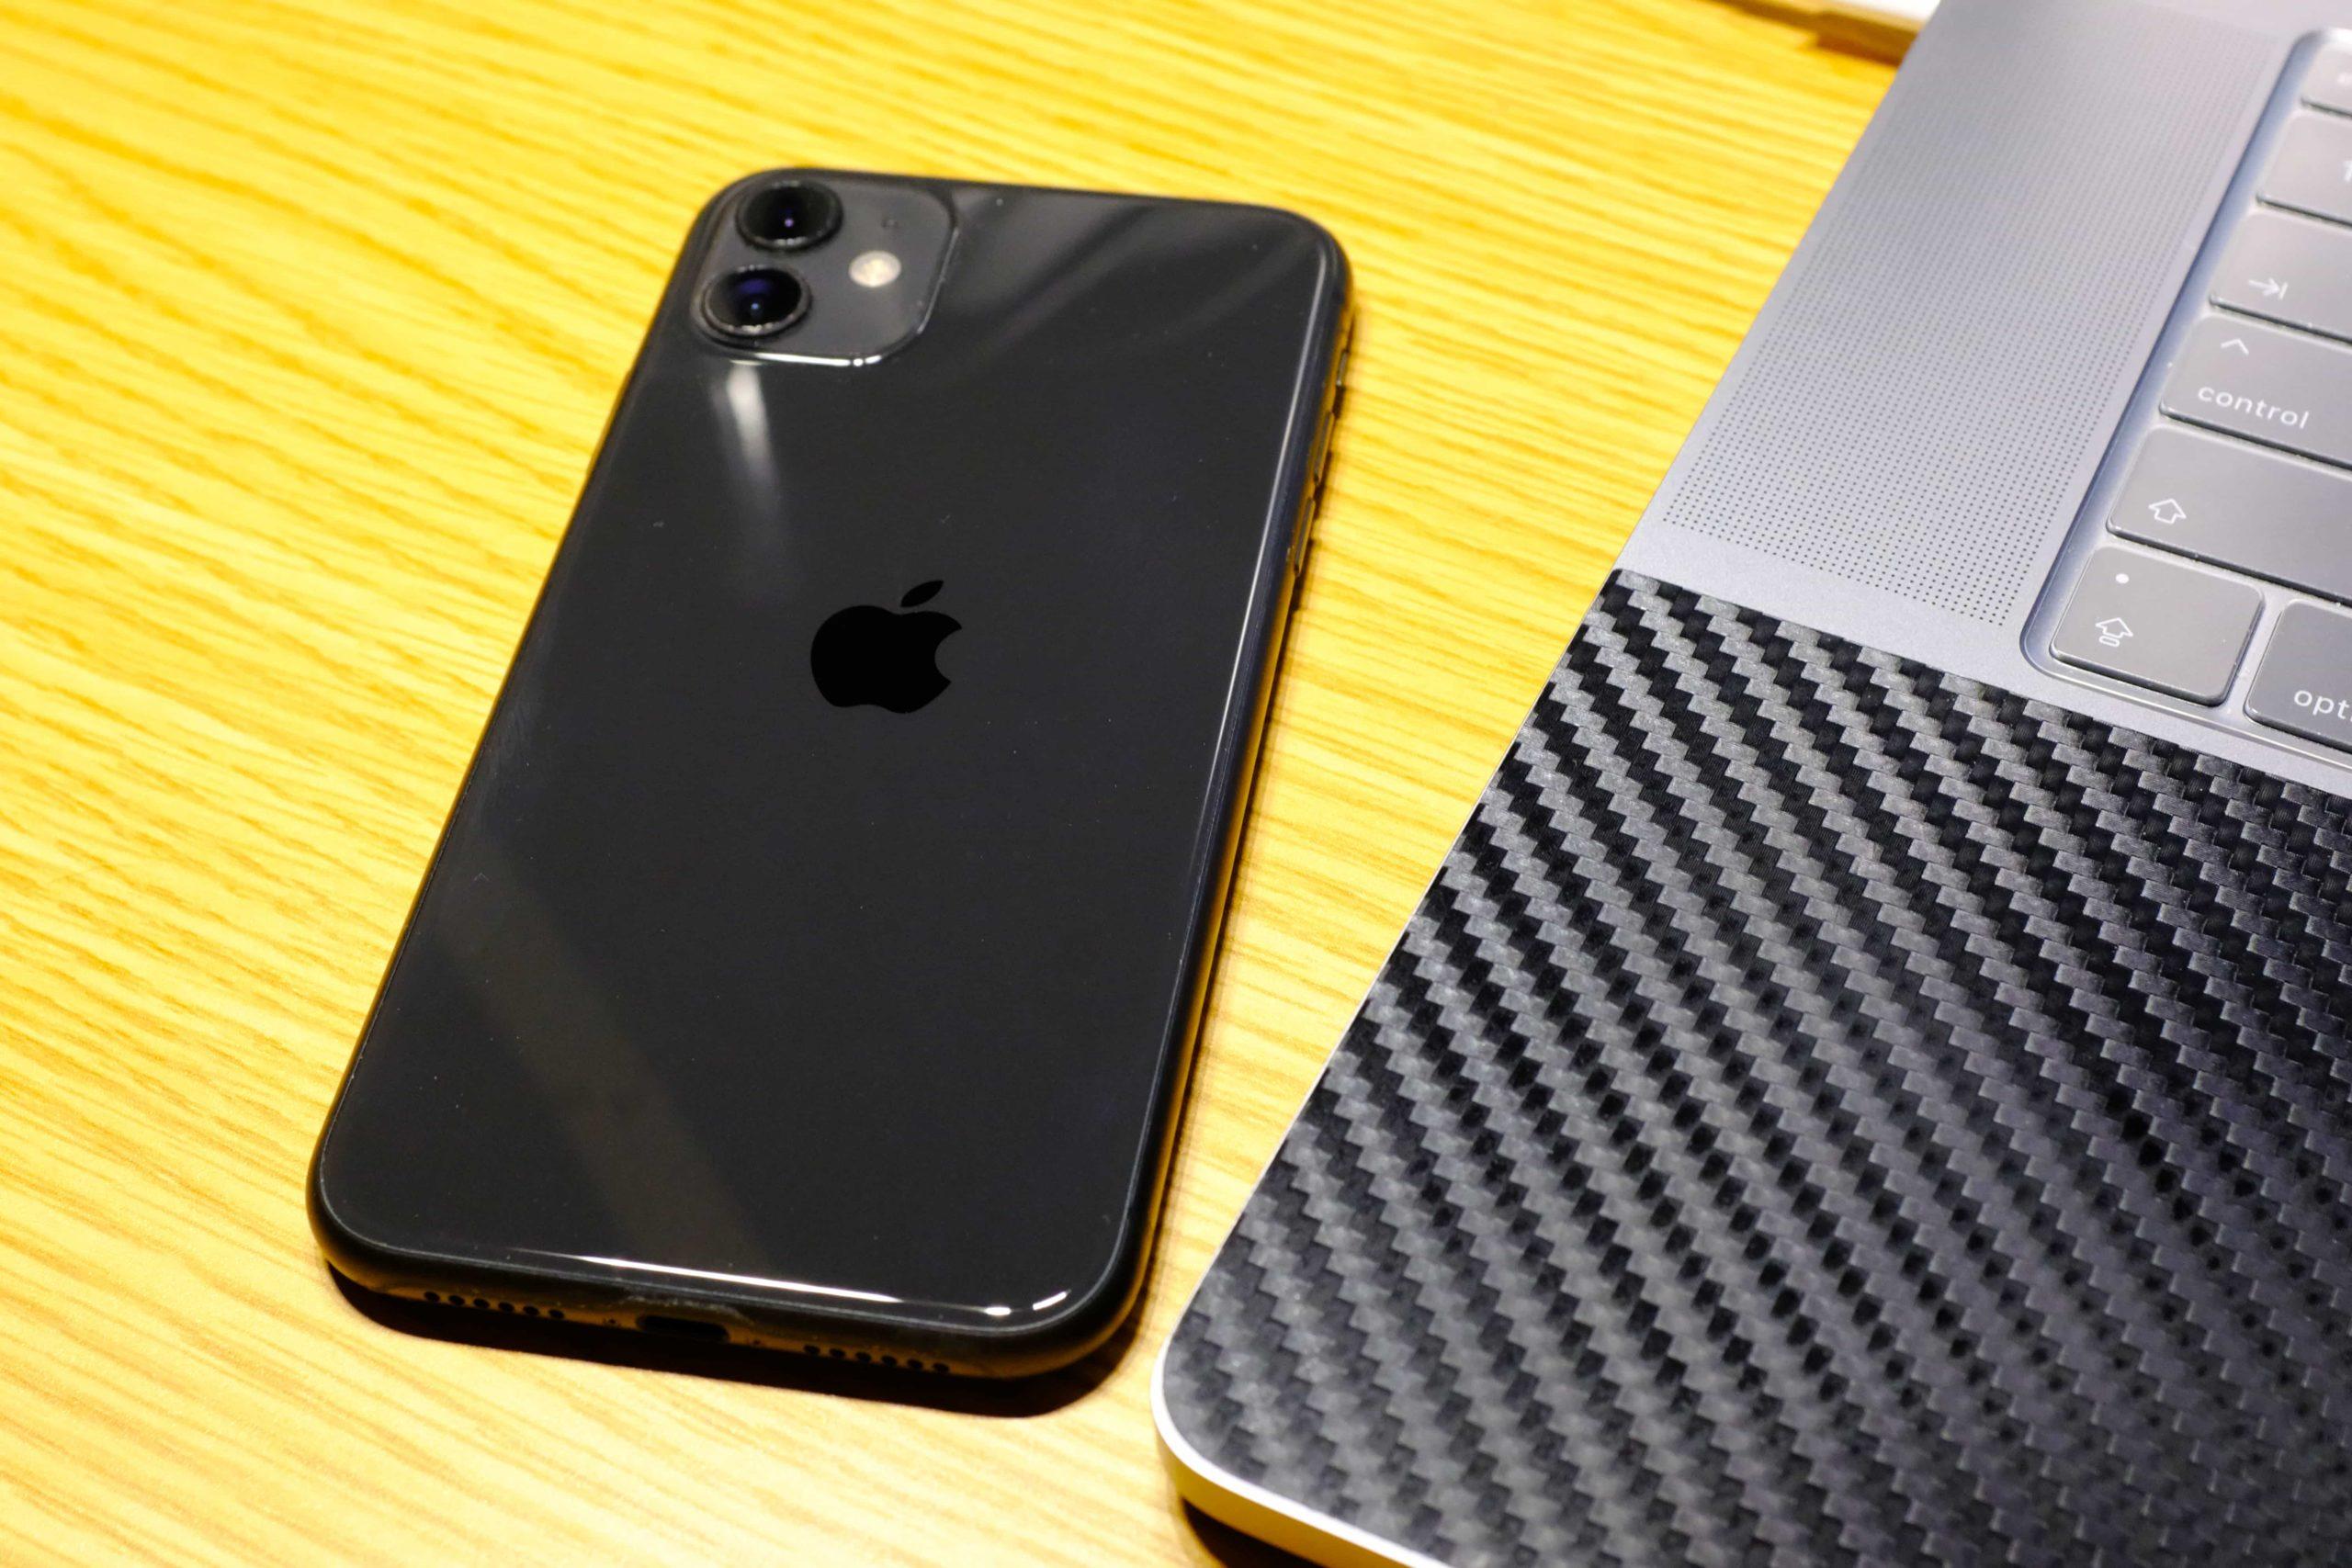 iPhoneが「背面タップ」で操作ができるぜ!ってケースを装着しても操作できるの?